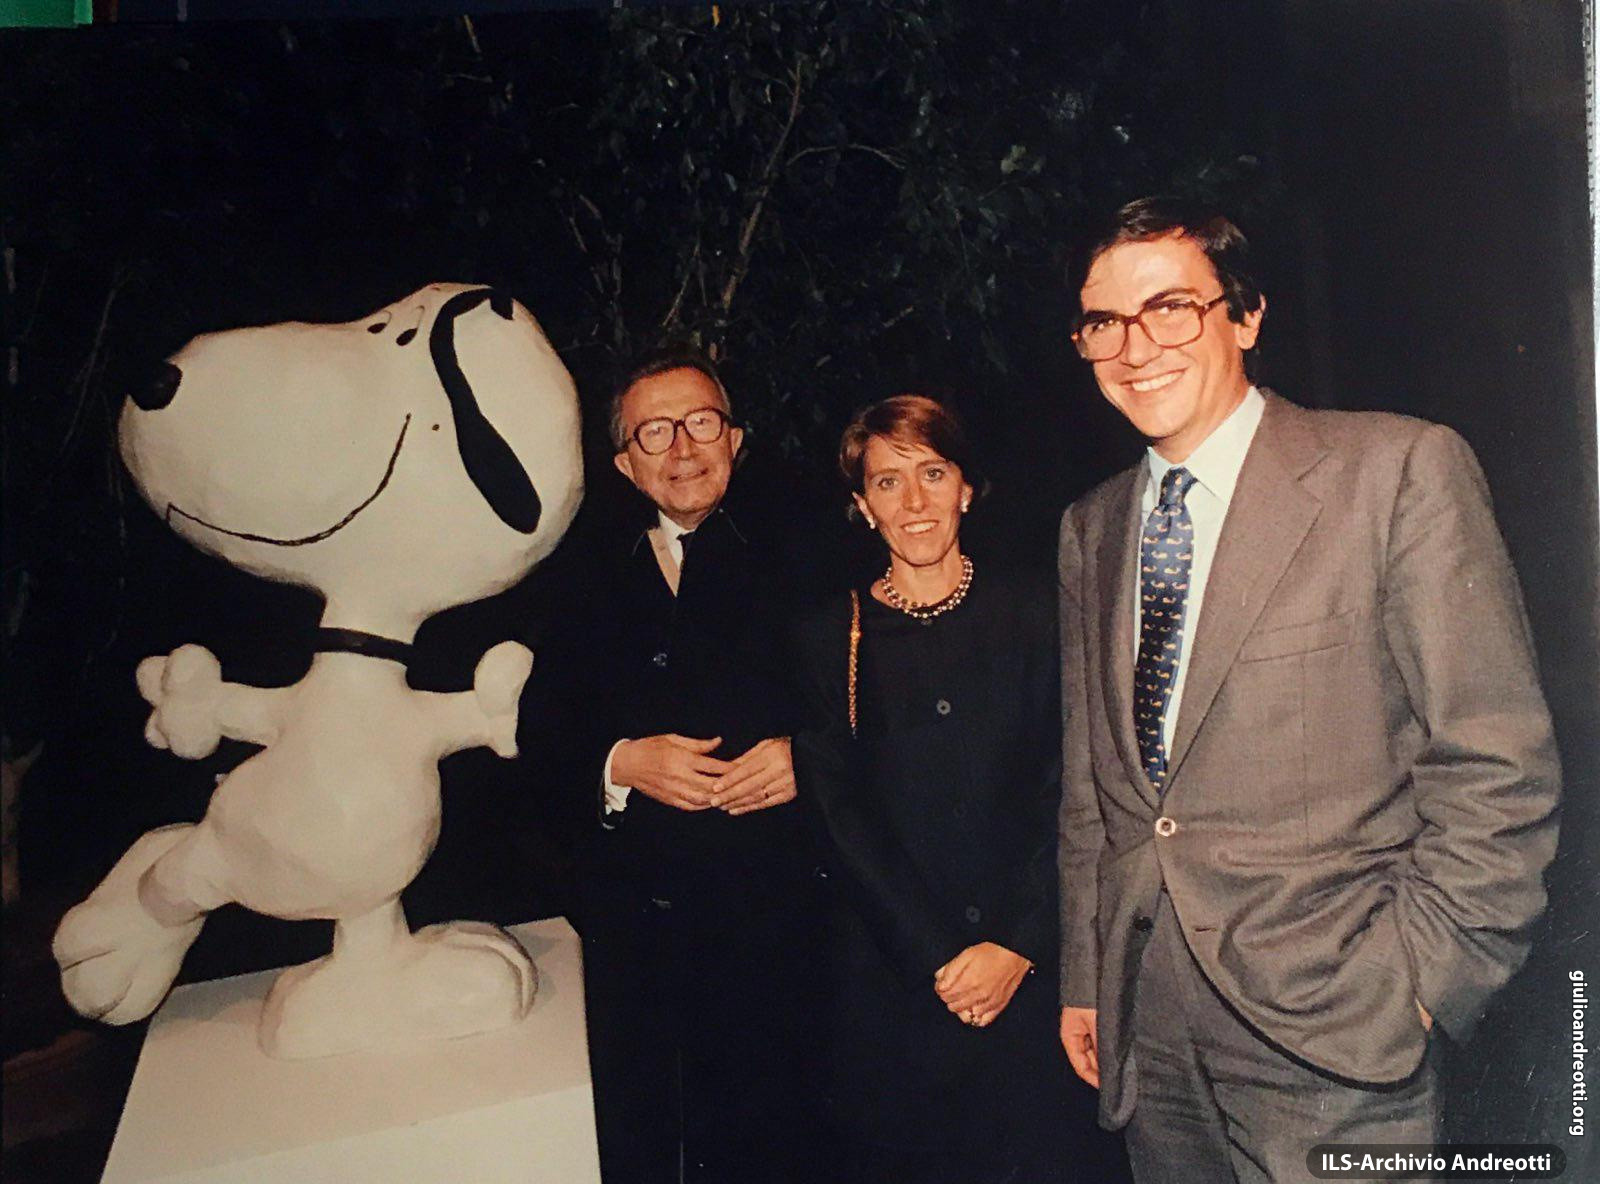 Ottobre 1992. Inaugurazione, a Roma, della mostra su Snoopy. Andreotti partecipa accompagnato dalla figlia Serena e dal genero Marco Ravaglioli